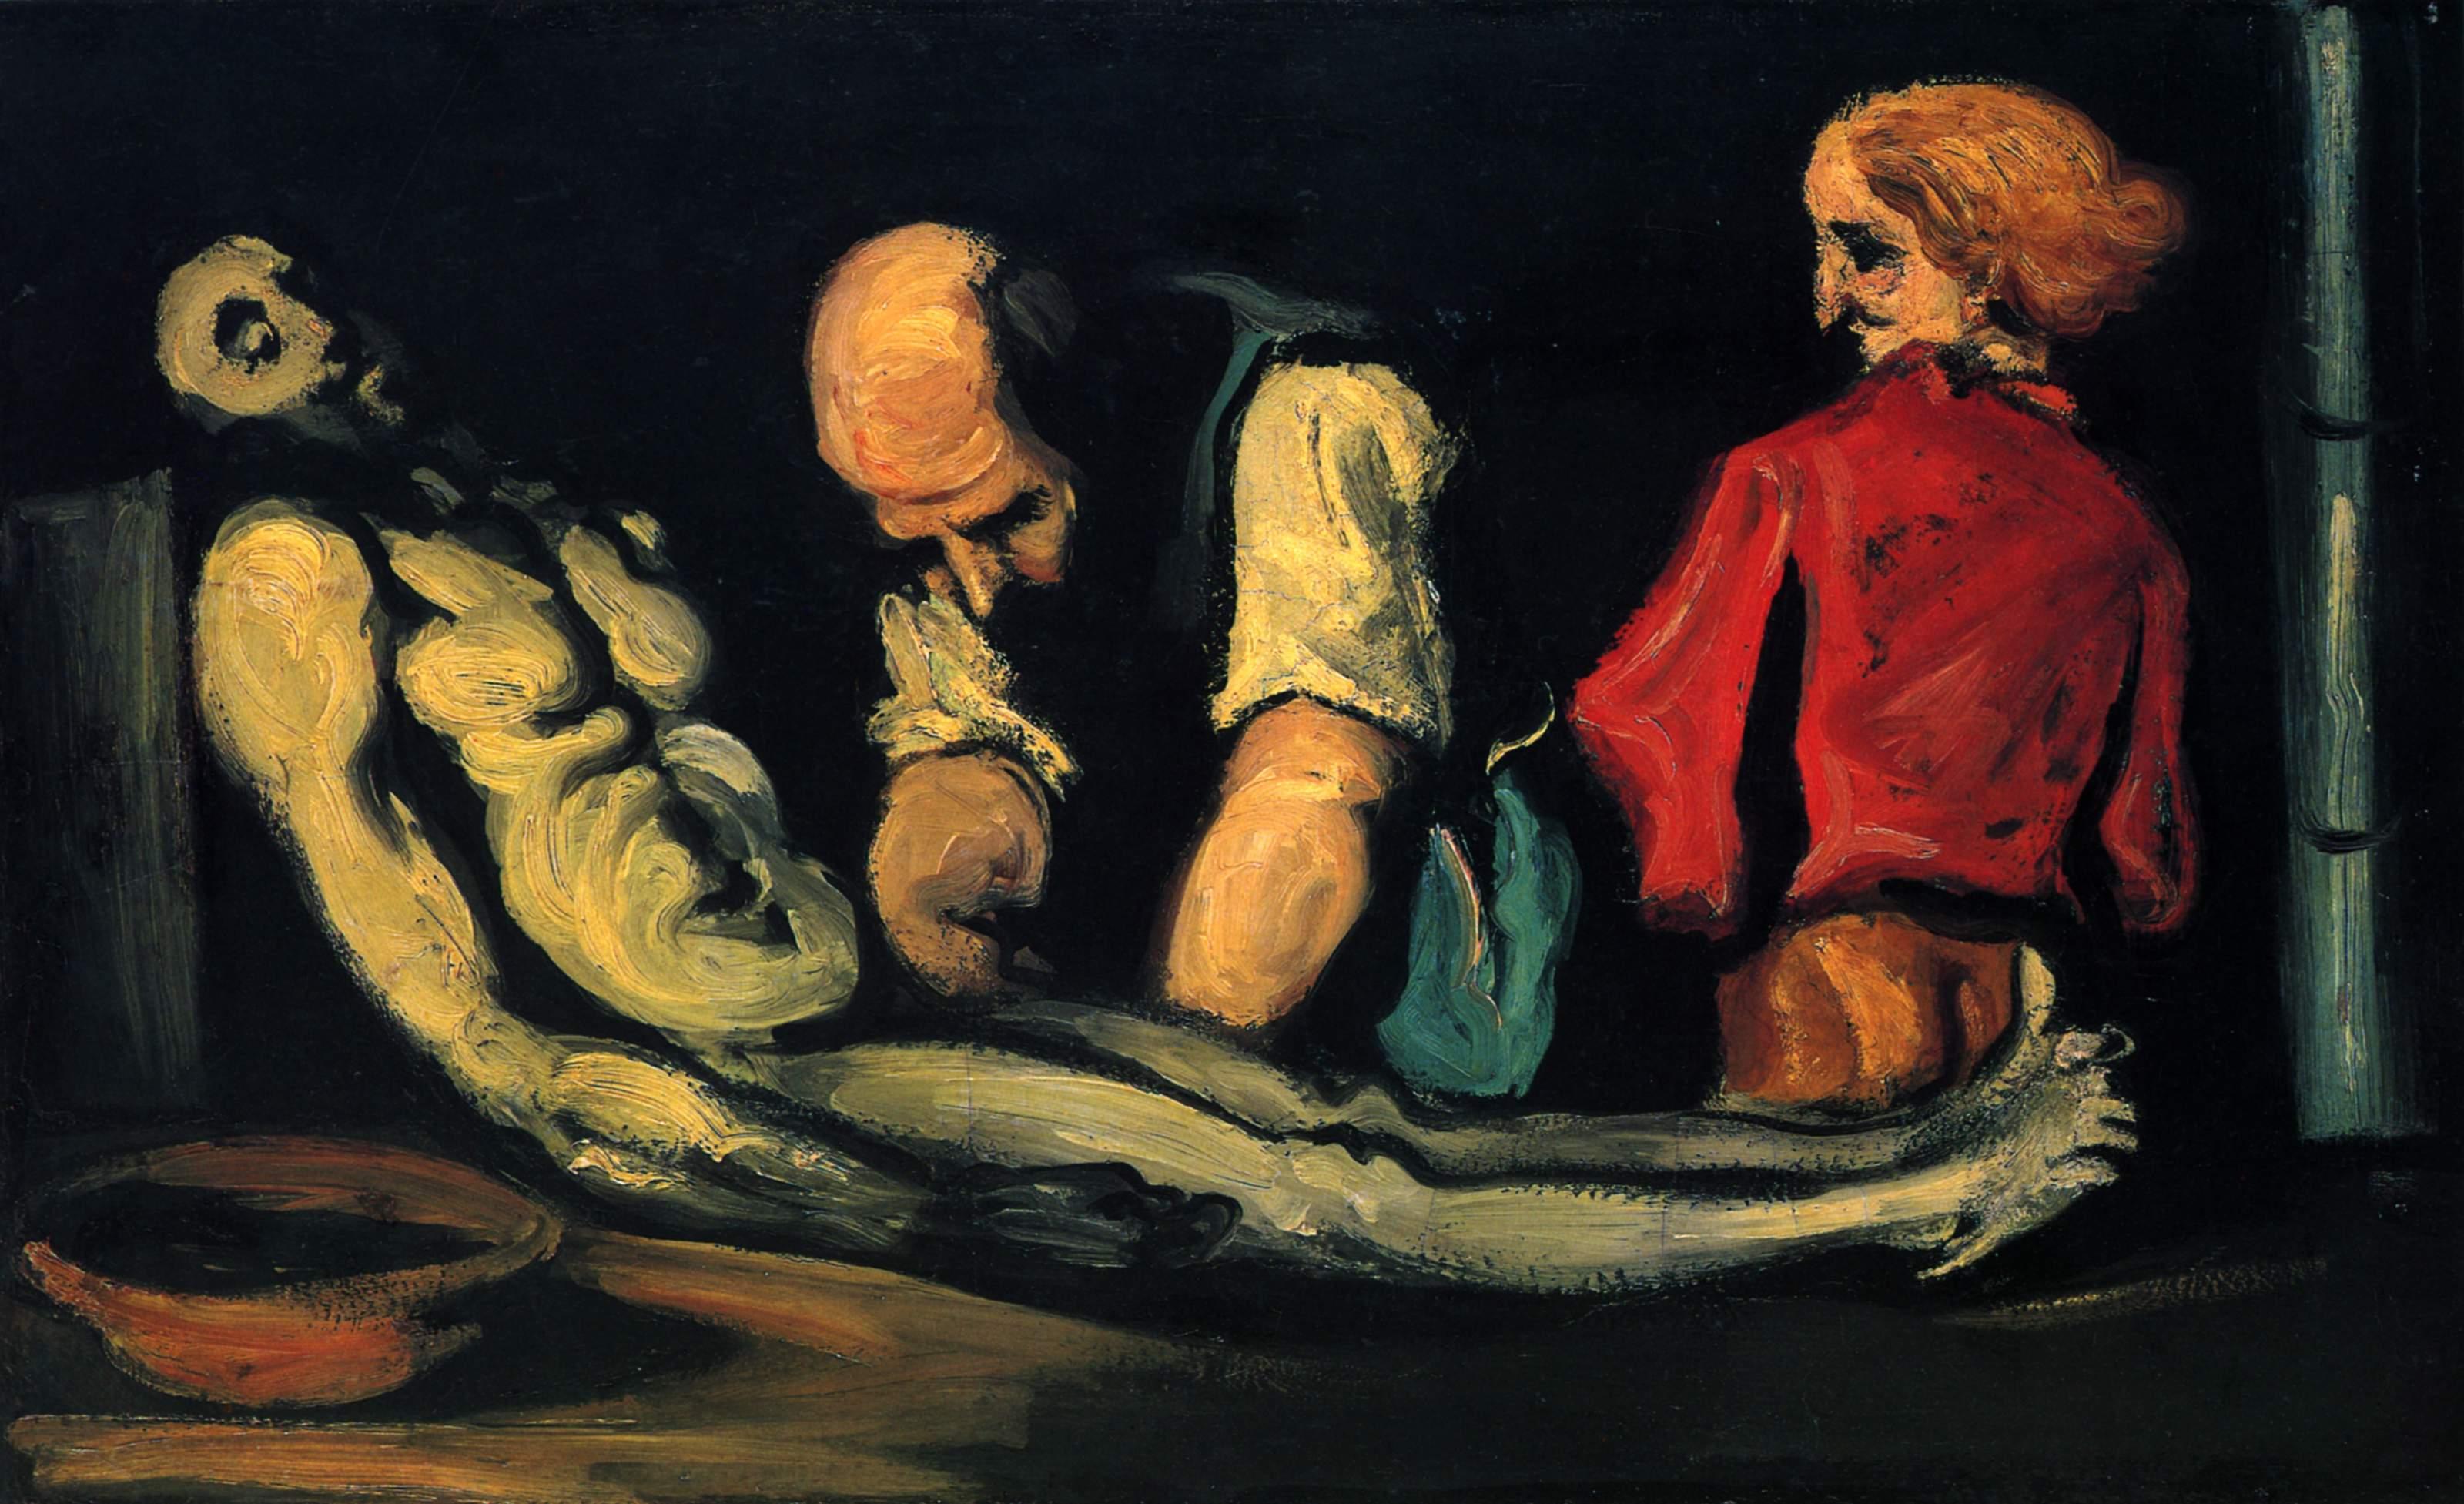 La mort (Cézanne)